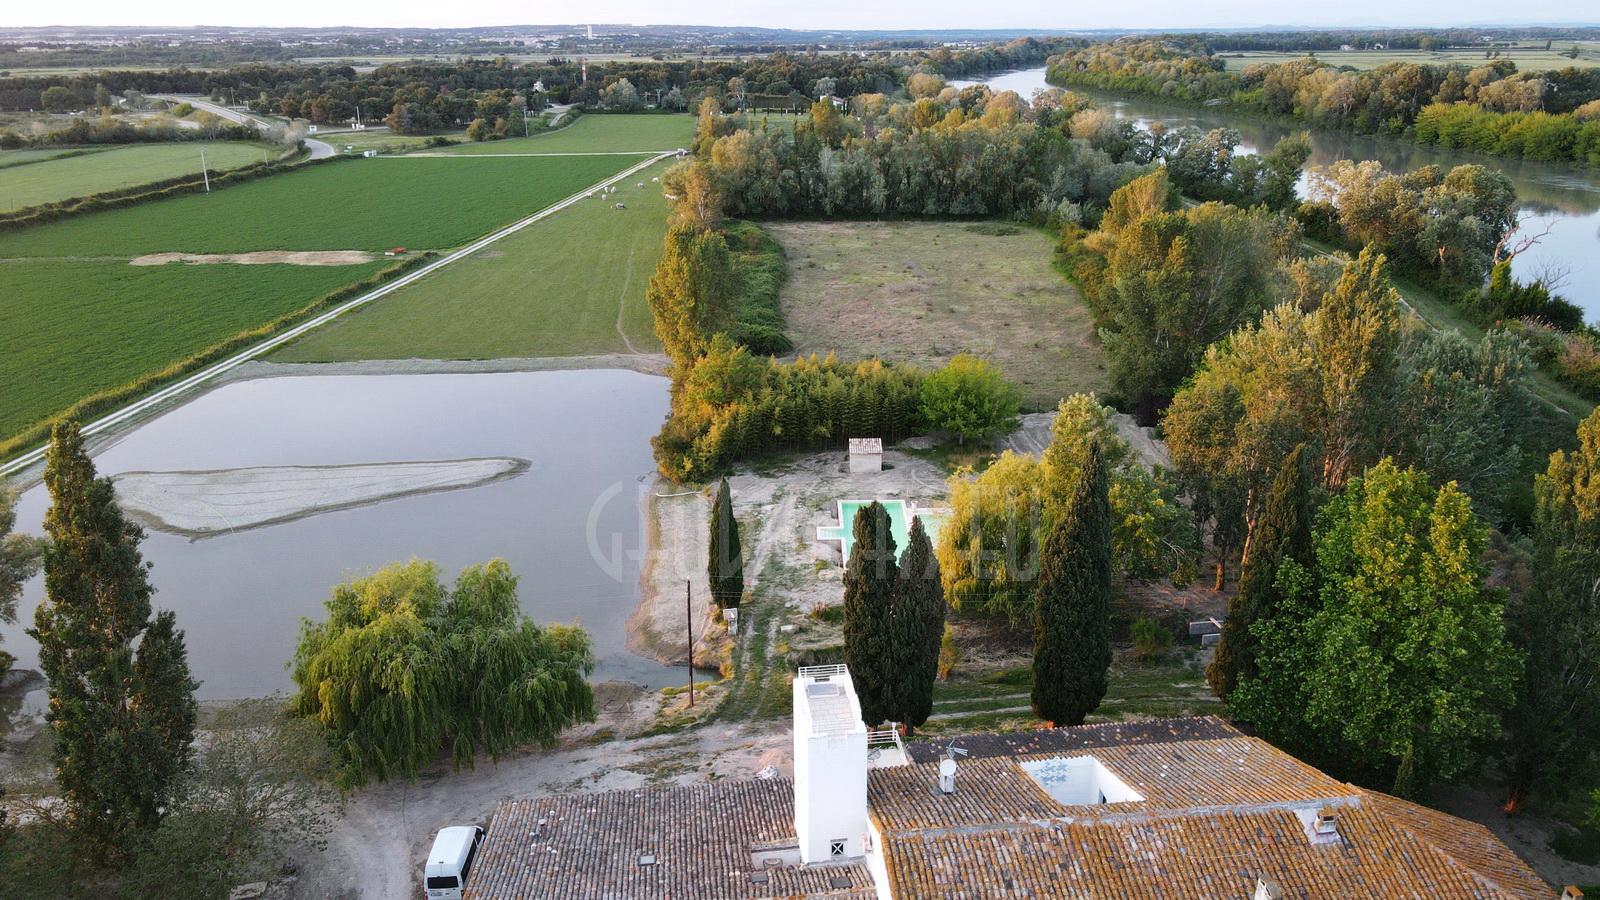 Ø14m 154m2 Lauko Baseino Kupolas | Mas du Versadou, Prancūzija